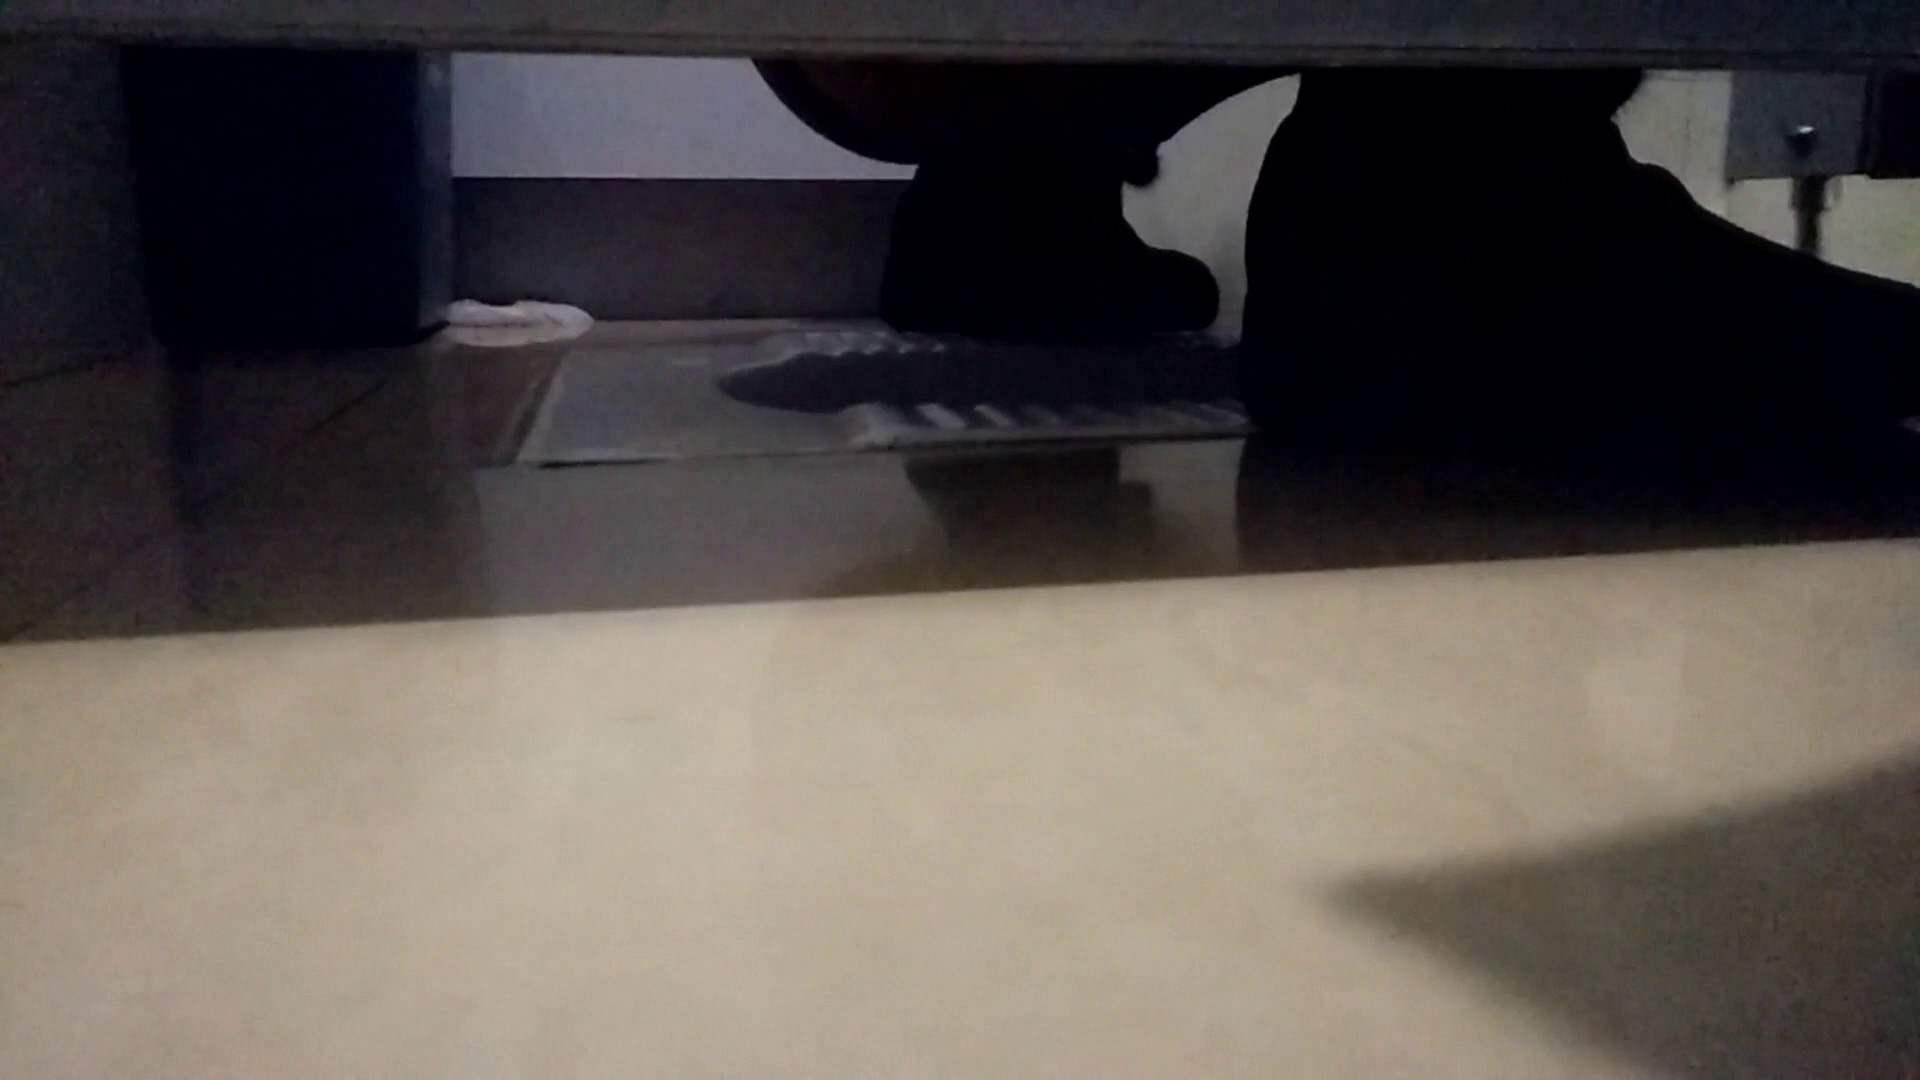 芸術大学ガチ潜入盗撮 JD盗撮 美女の洗面所の秘密 Vol.99 丸見え オマンコ無修正動画無料 88画像 69